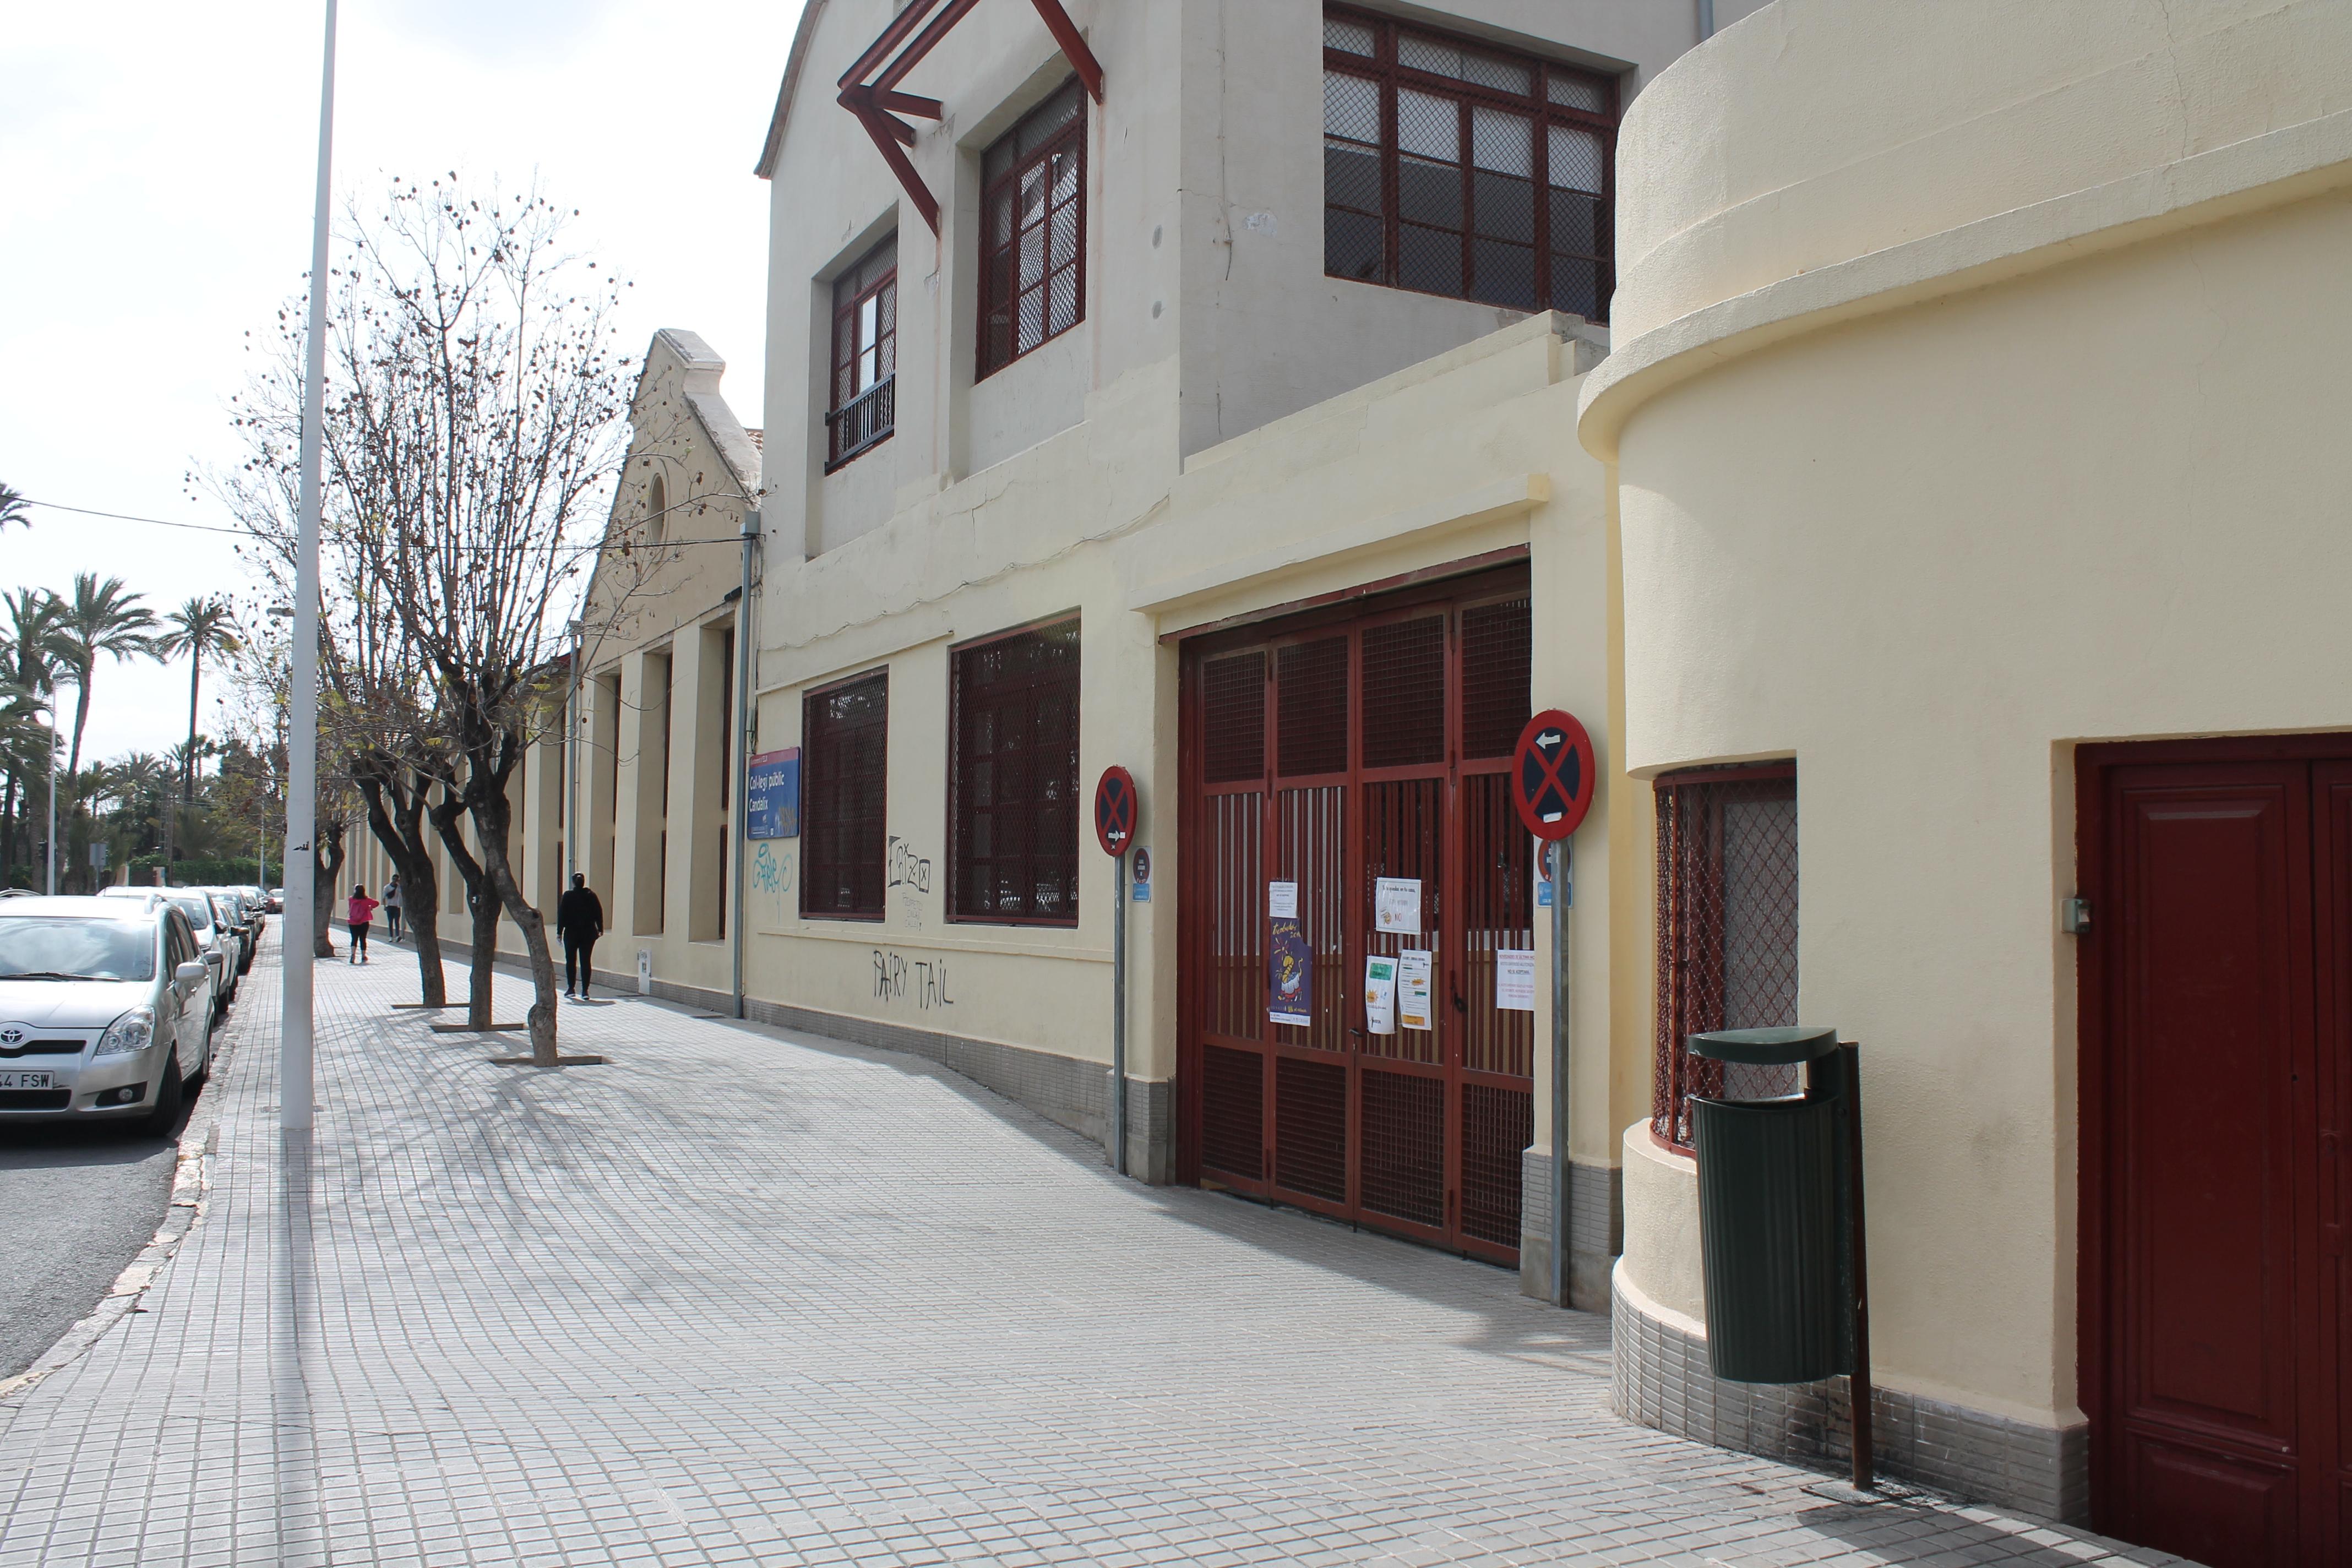 Calendario Escolar 2020 2020 Comunidad Valenciana.El Diario Oficial De La Comunidad Valenciana Docv Publica Las